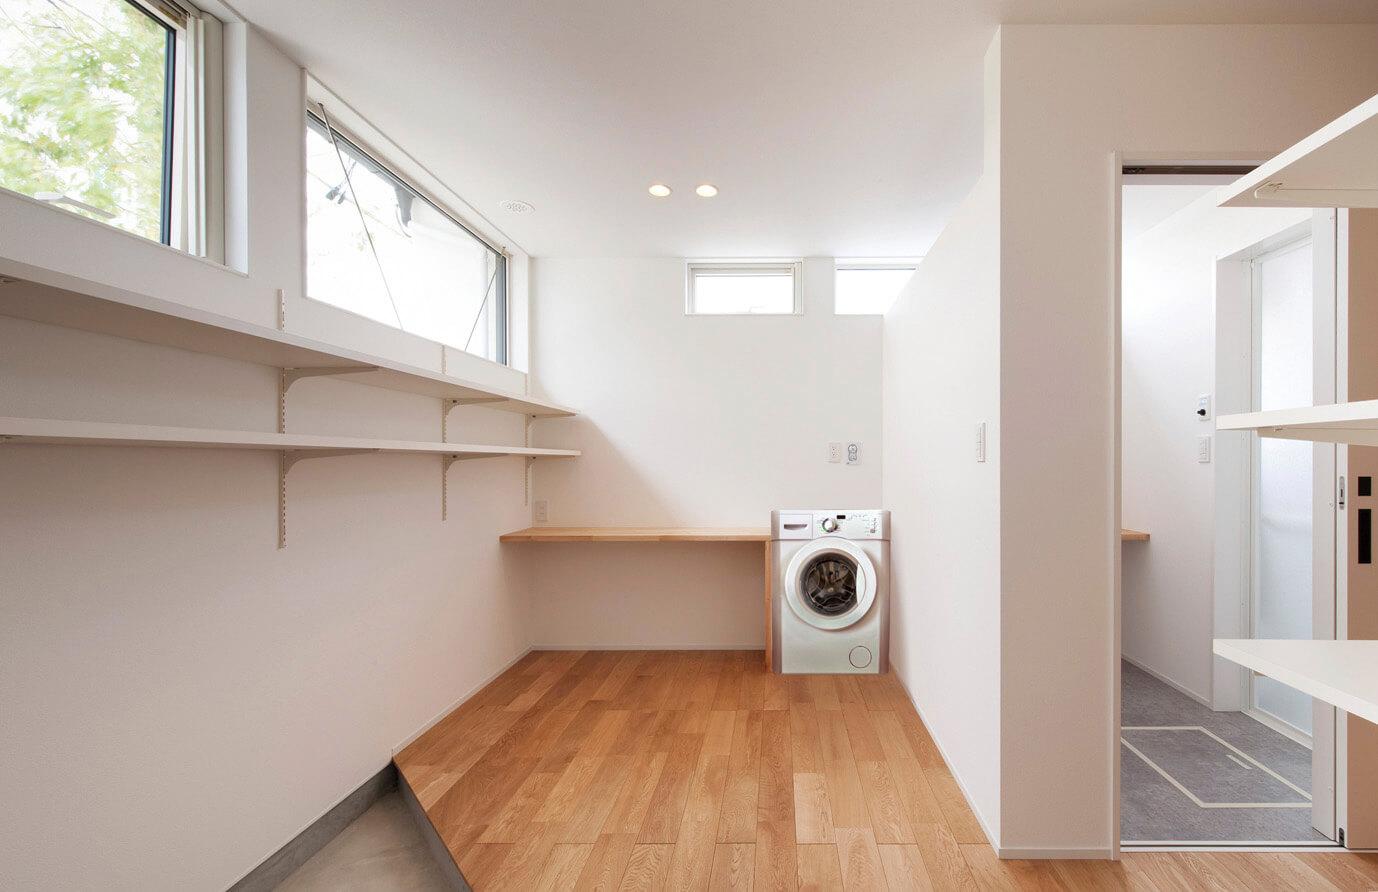 脱衣室の近くに設けたランドリー。南面に窓があり、洗濯物の物干しスペースにもなる